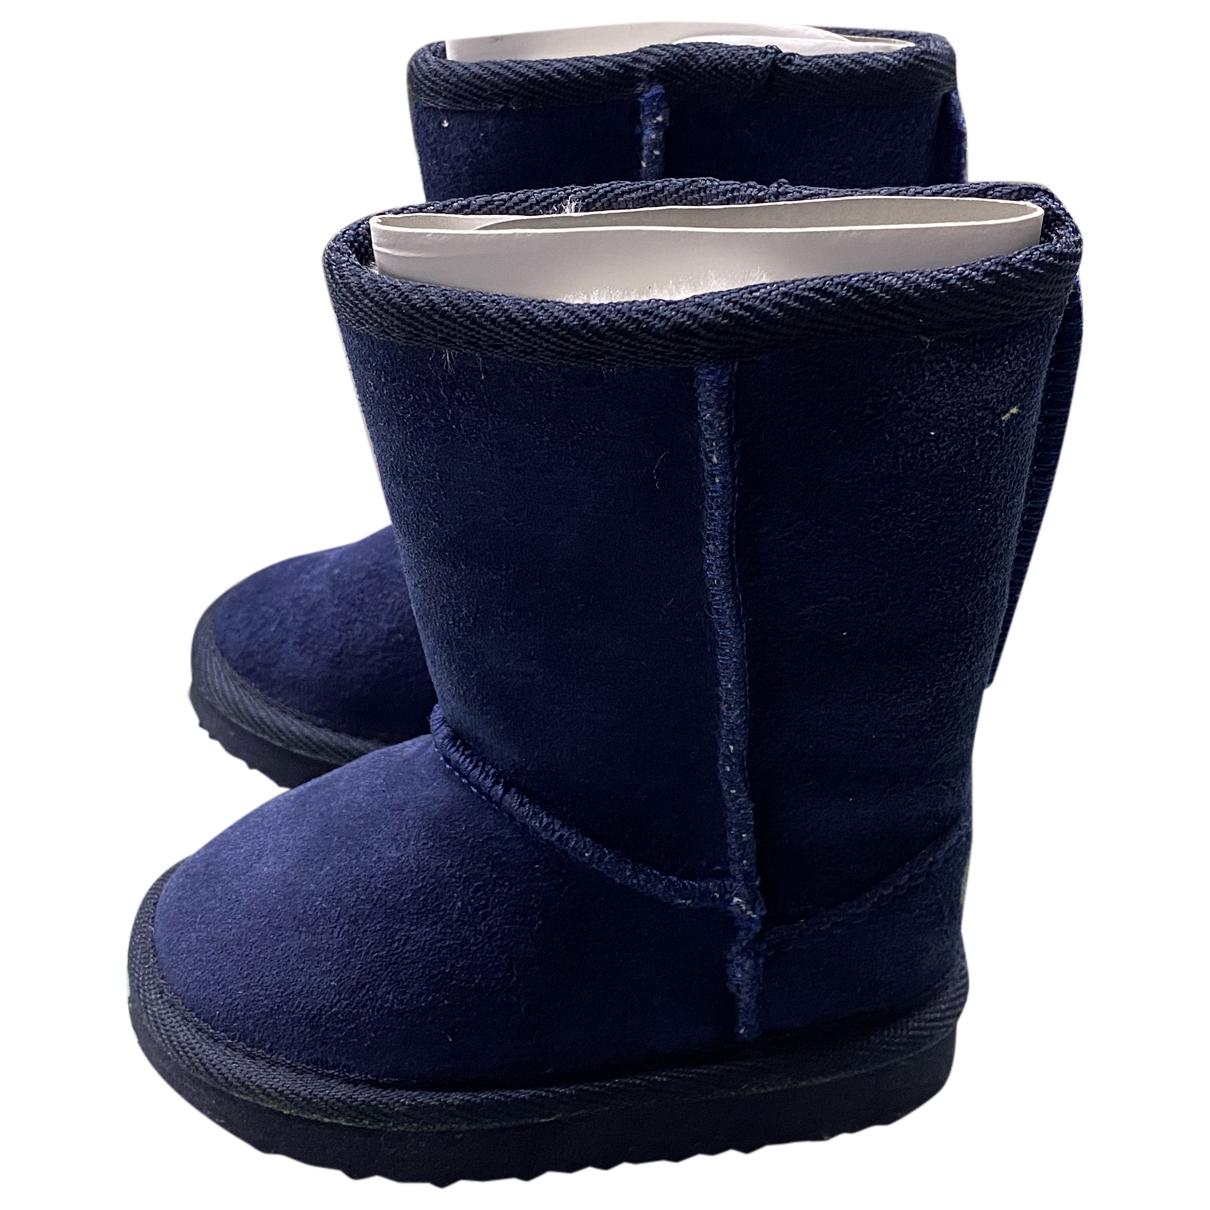 Superga - Premiers pas   pour enfant en suede - bleu